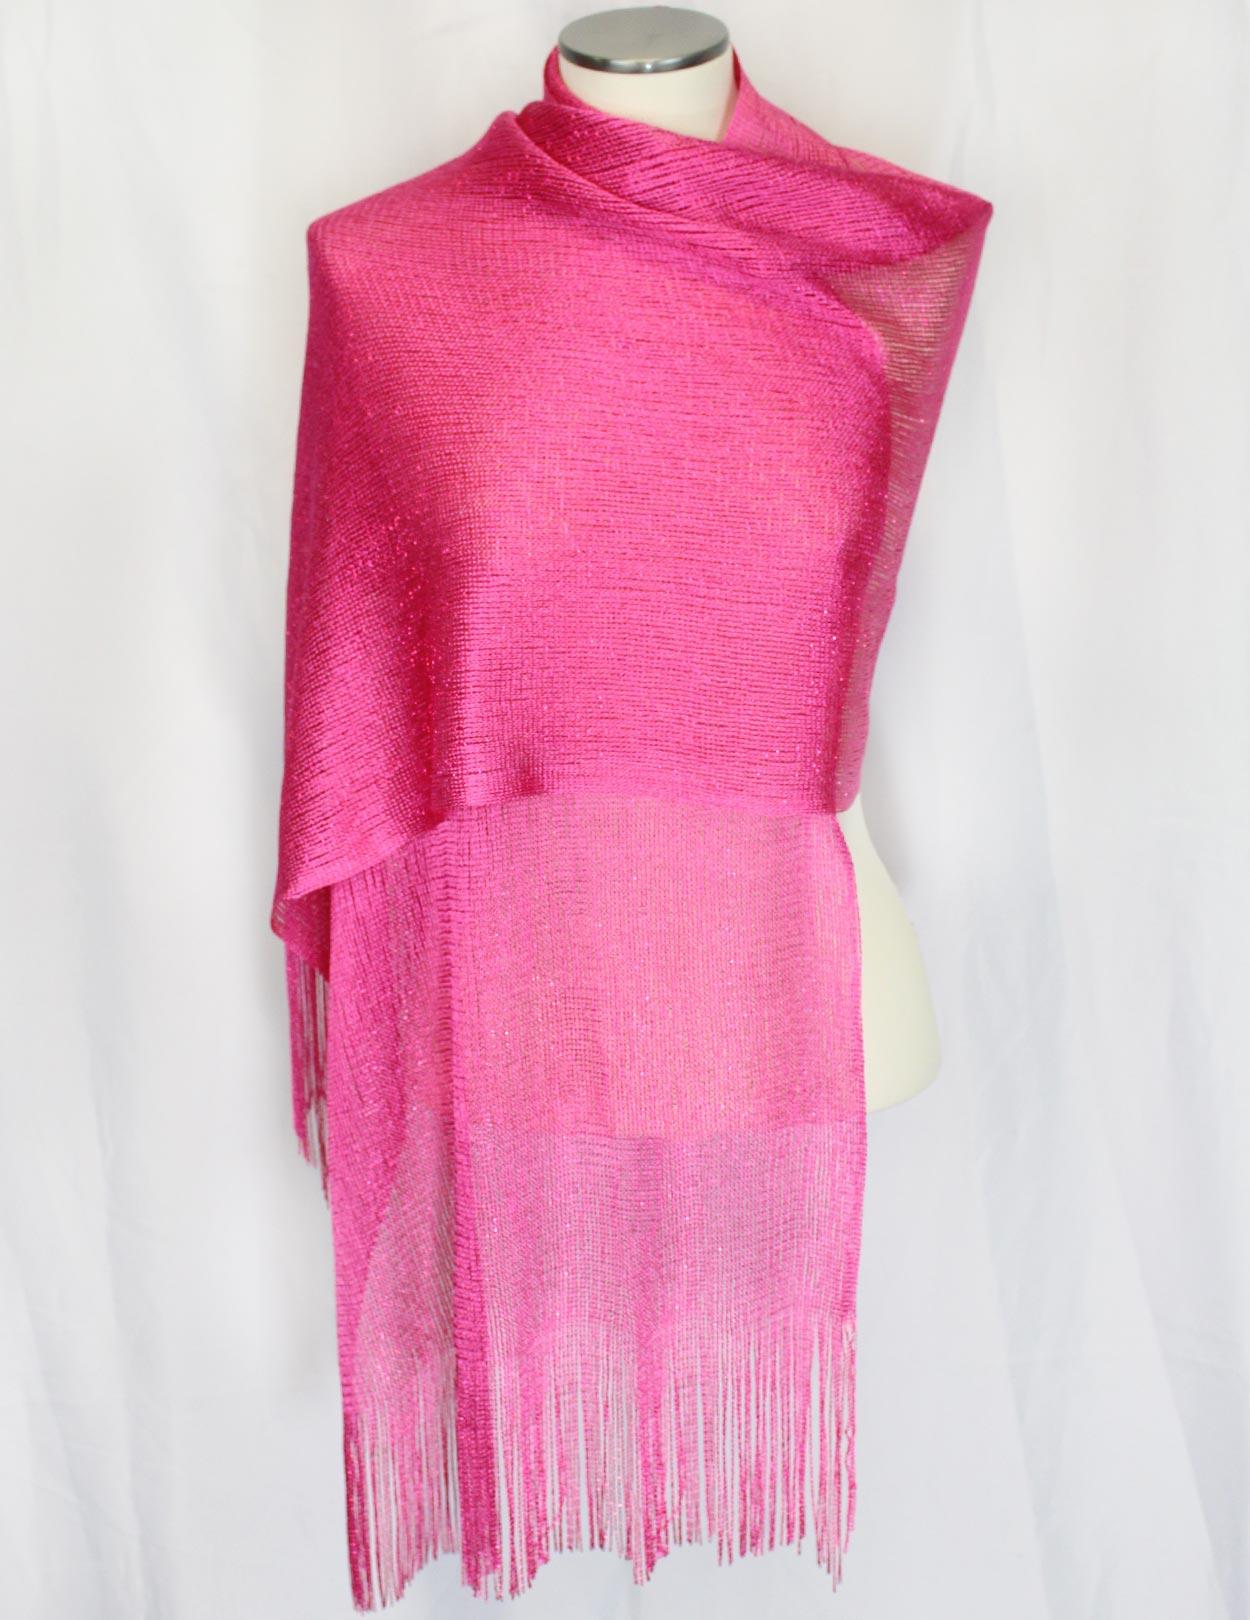 Hot Pink Fishnet Fringed Evening Sheer Wrap Shawl Shaka